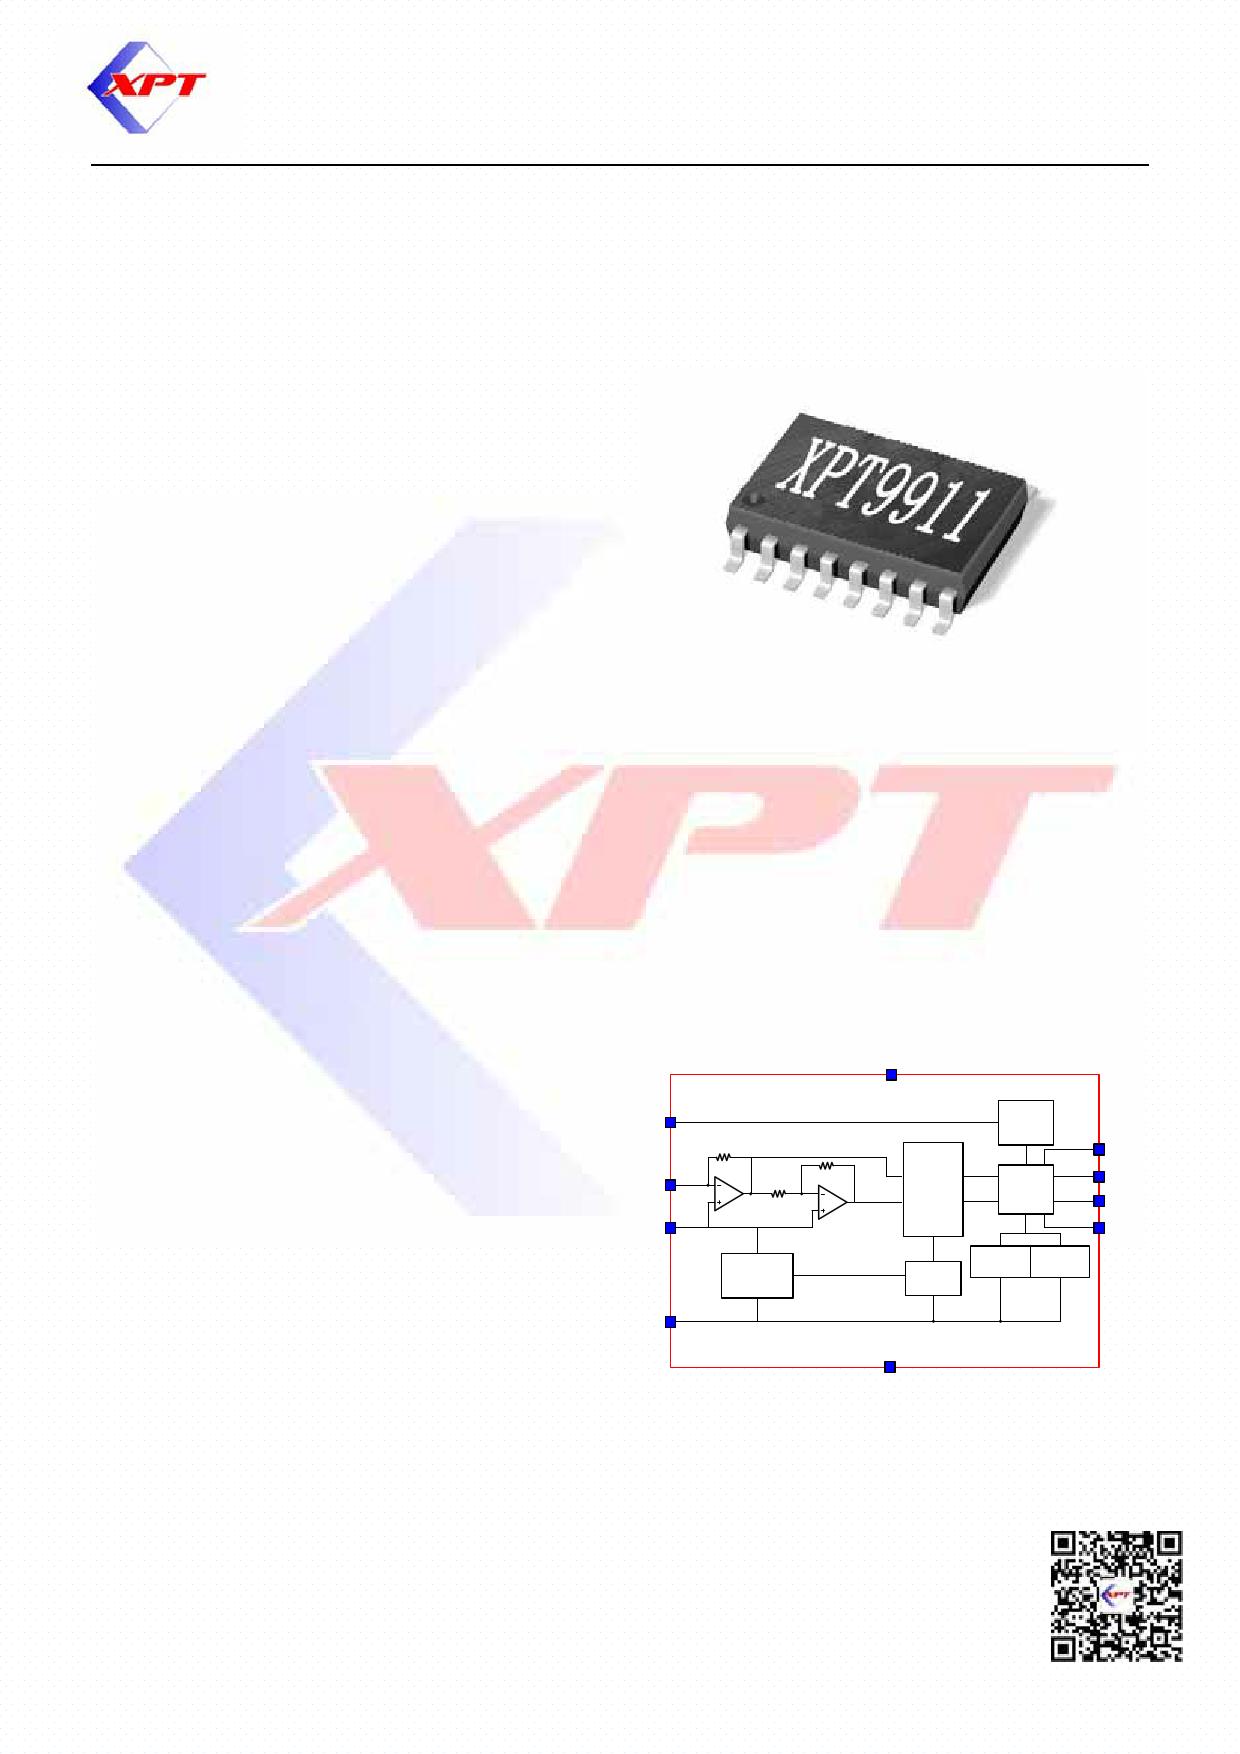 XPT9911 datasheet, circuit